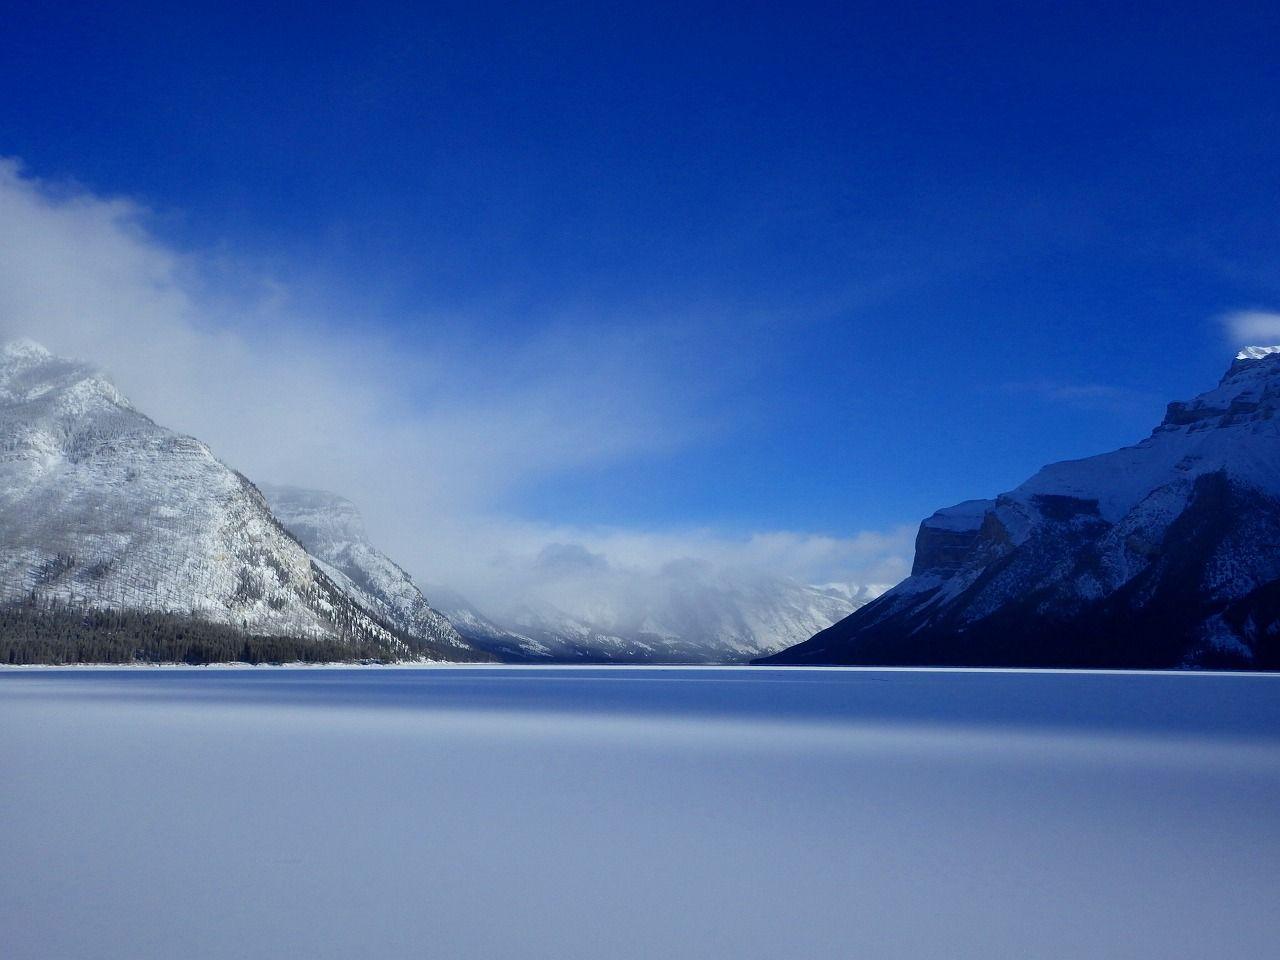 冬でしかみられないミネワンカ湖の姿